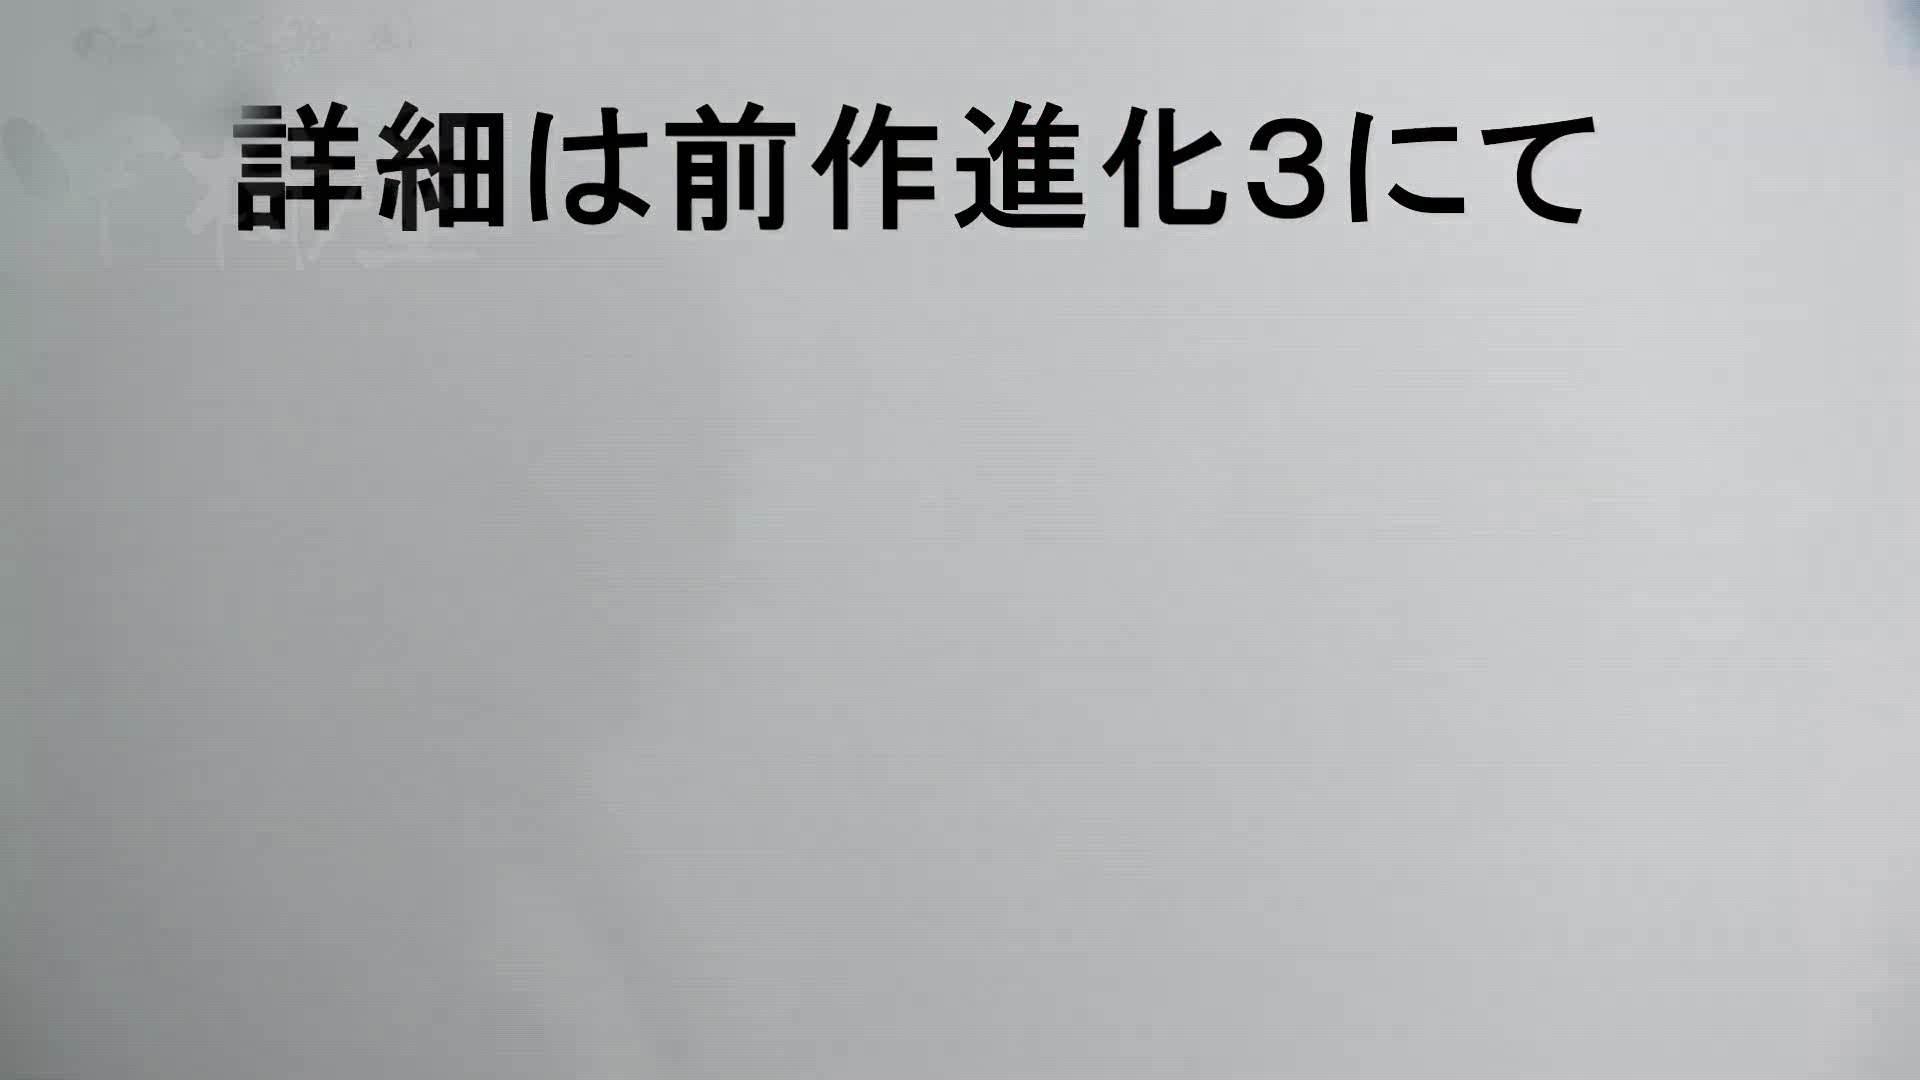 第三体育館潜入撮File024 最後の子公開残りは、SEIJUKU!! 卑猥すぎ AV無料動画キャプチャ 84PIX 25